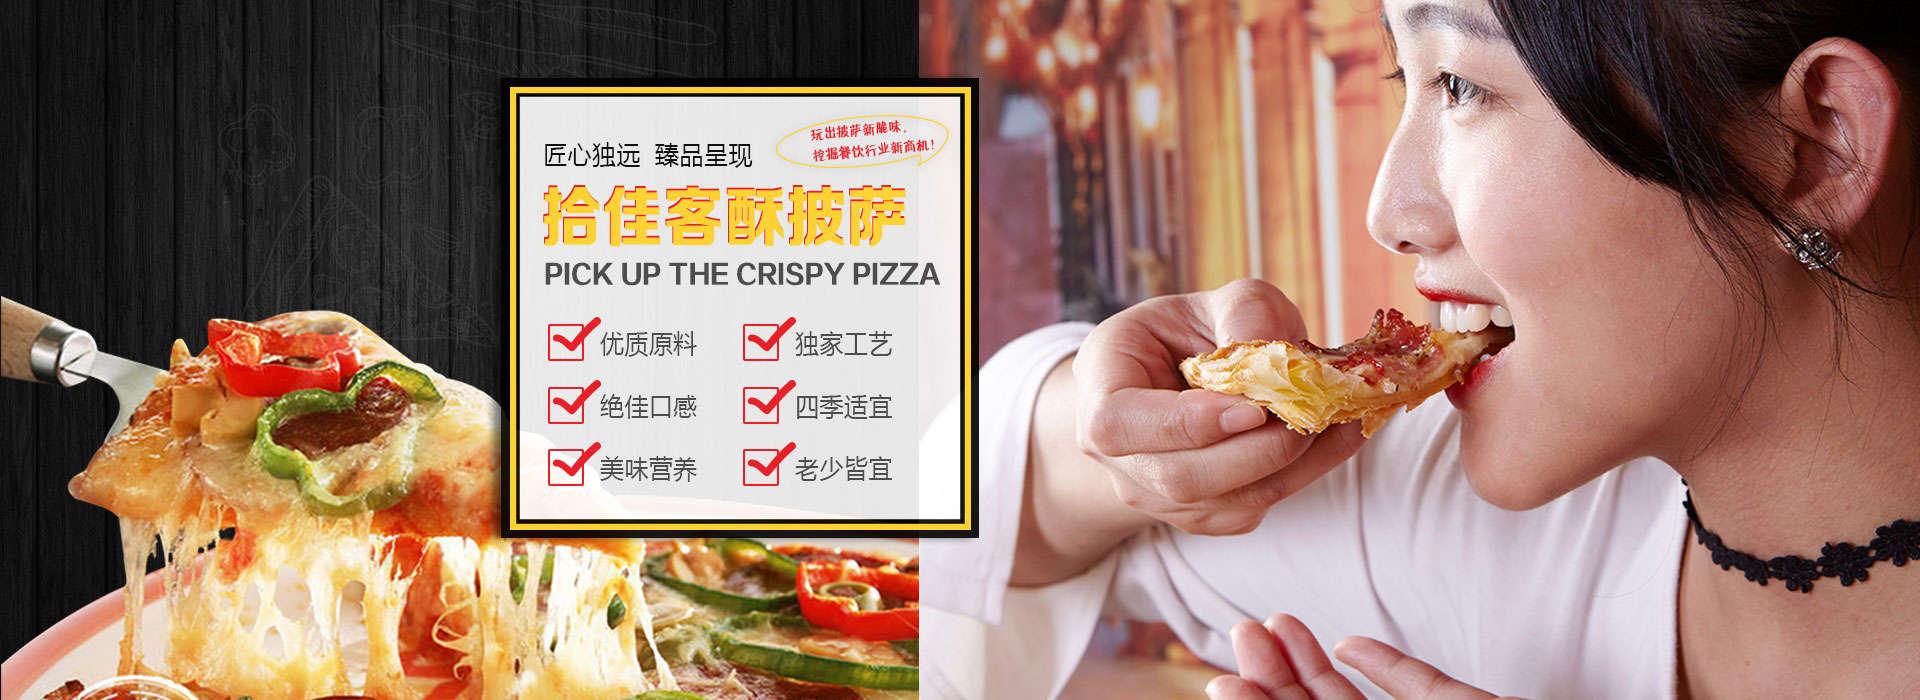 拾佳客酥披萨特点_昌启餐饮披萨汉堡加盟